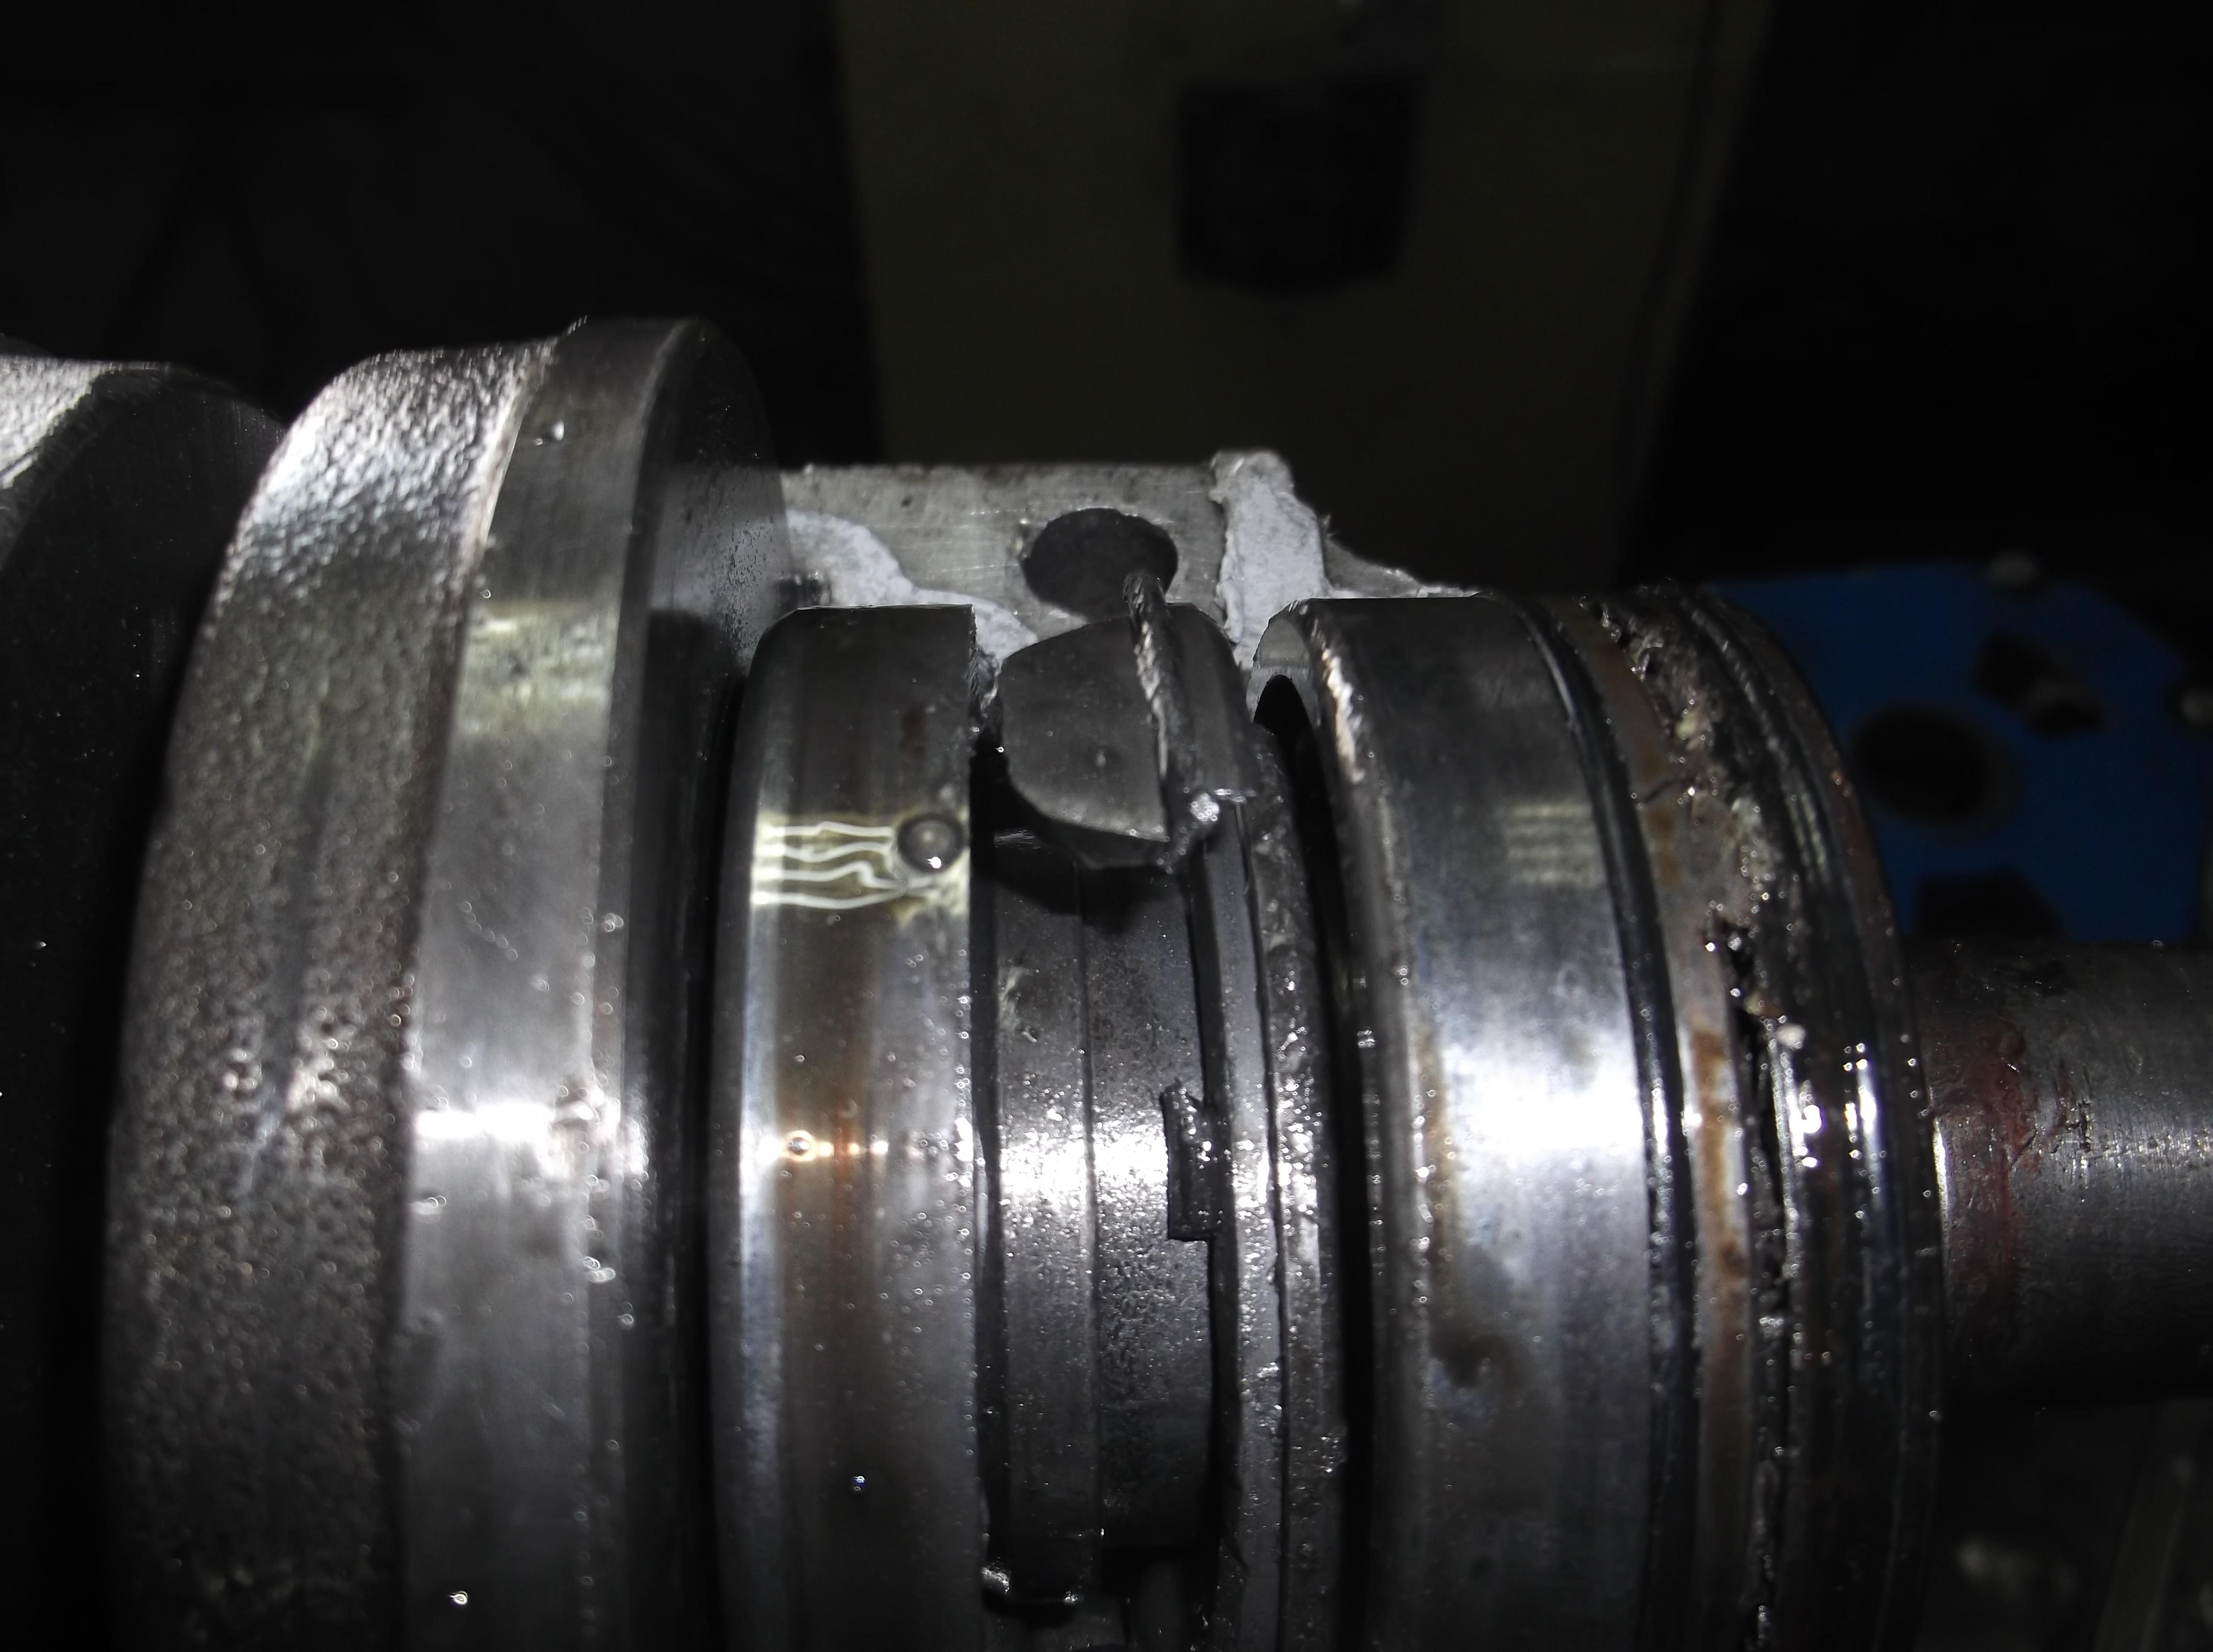 DSCF3929.JPG